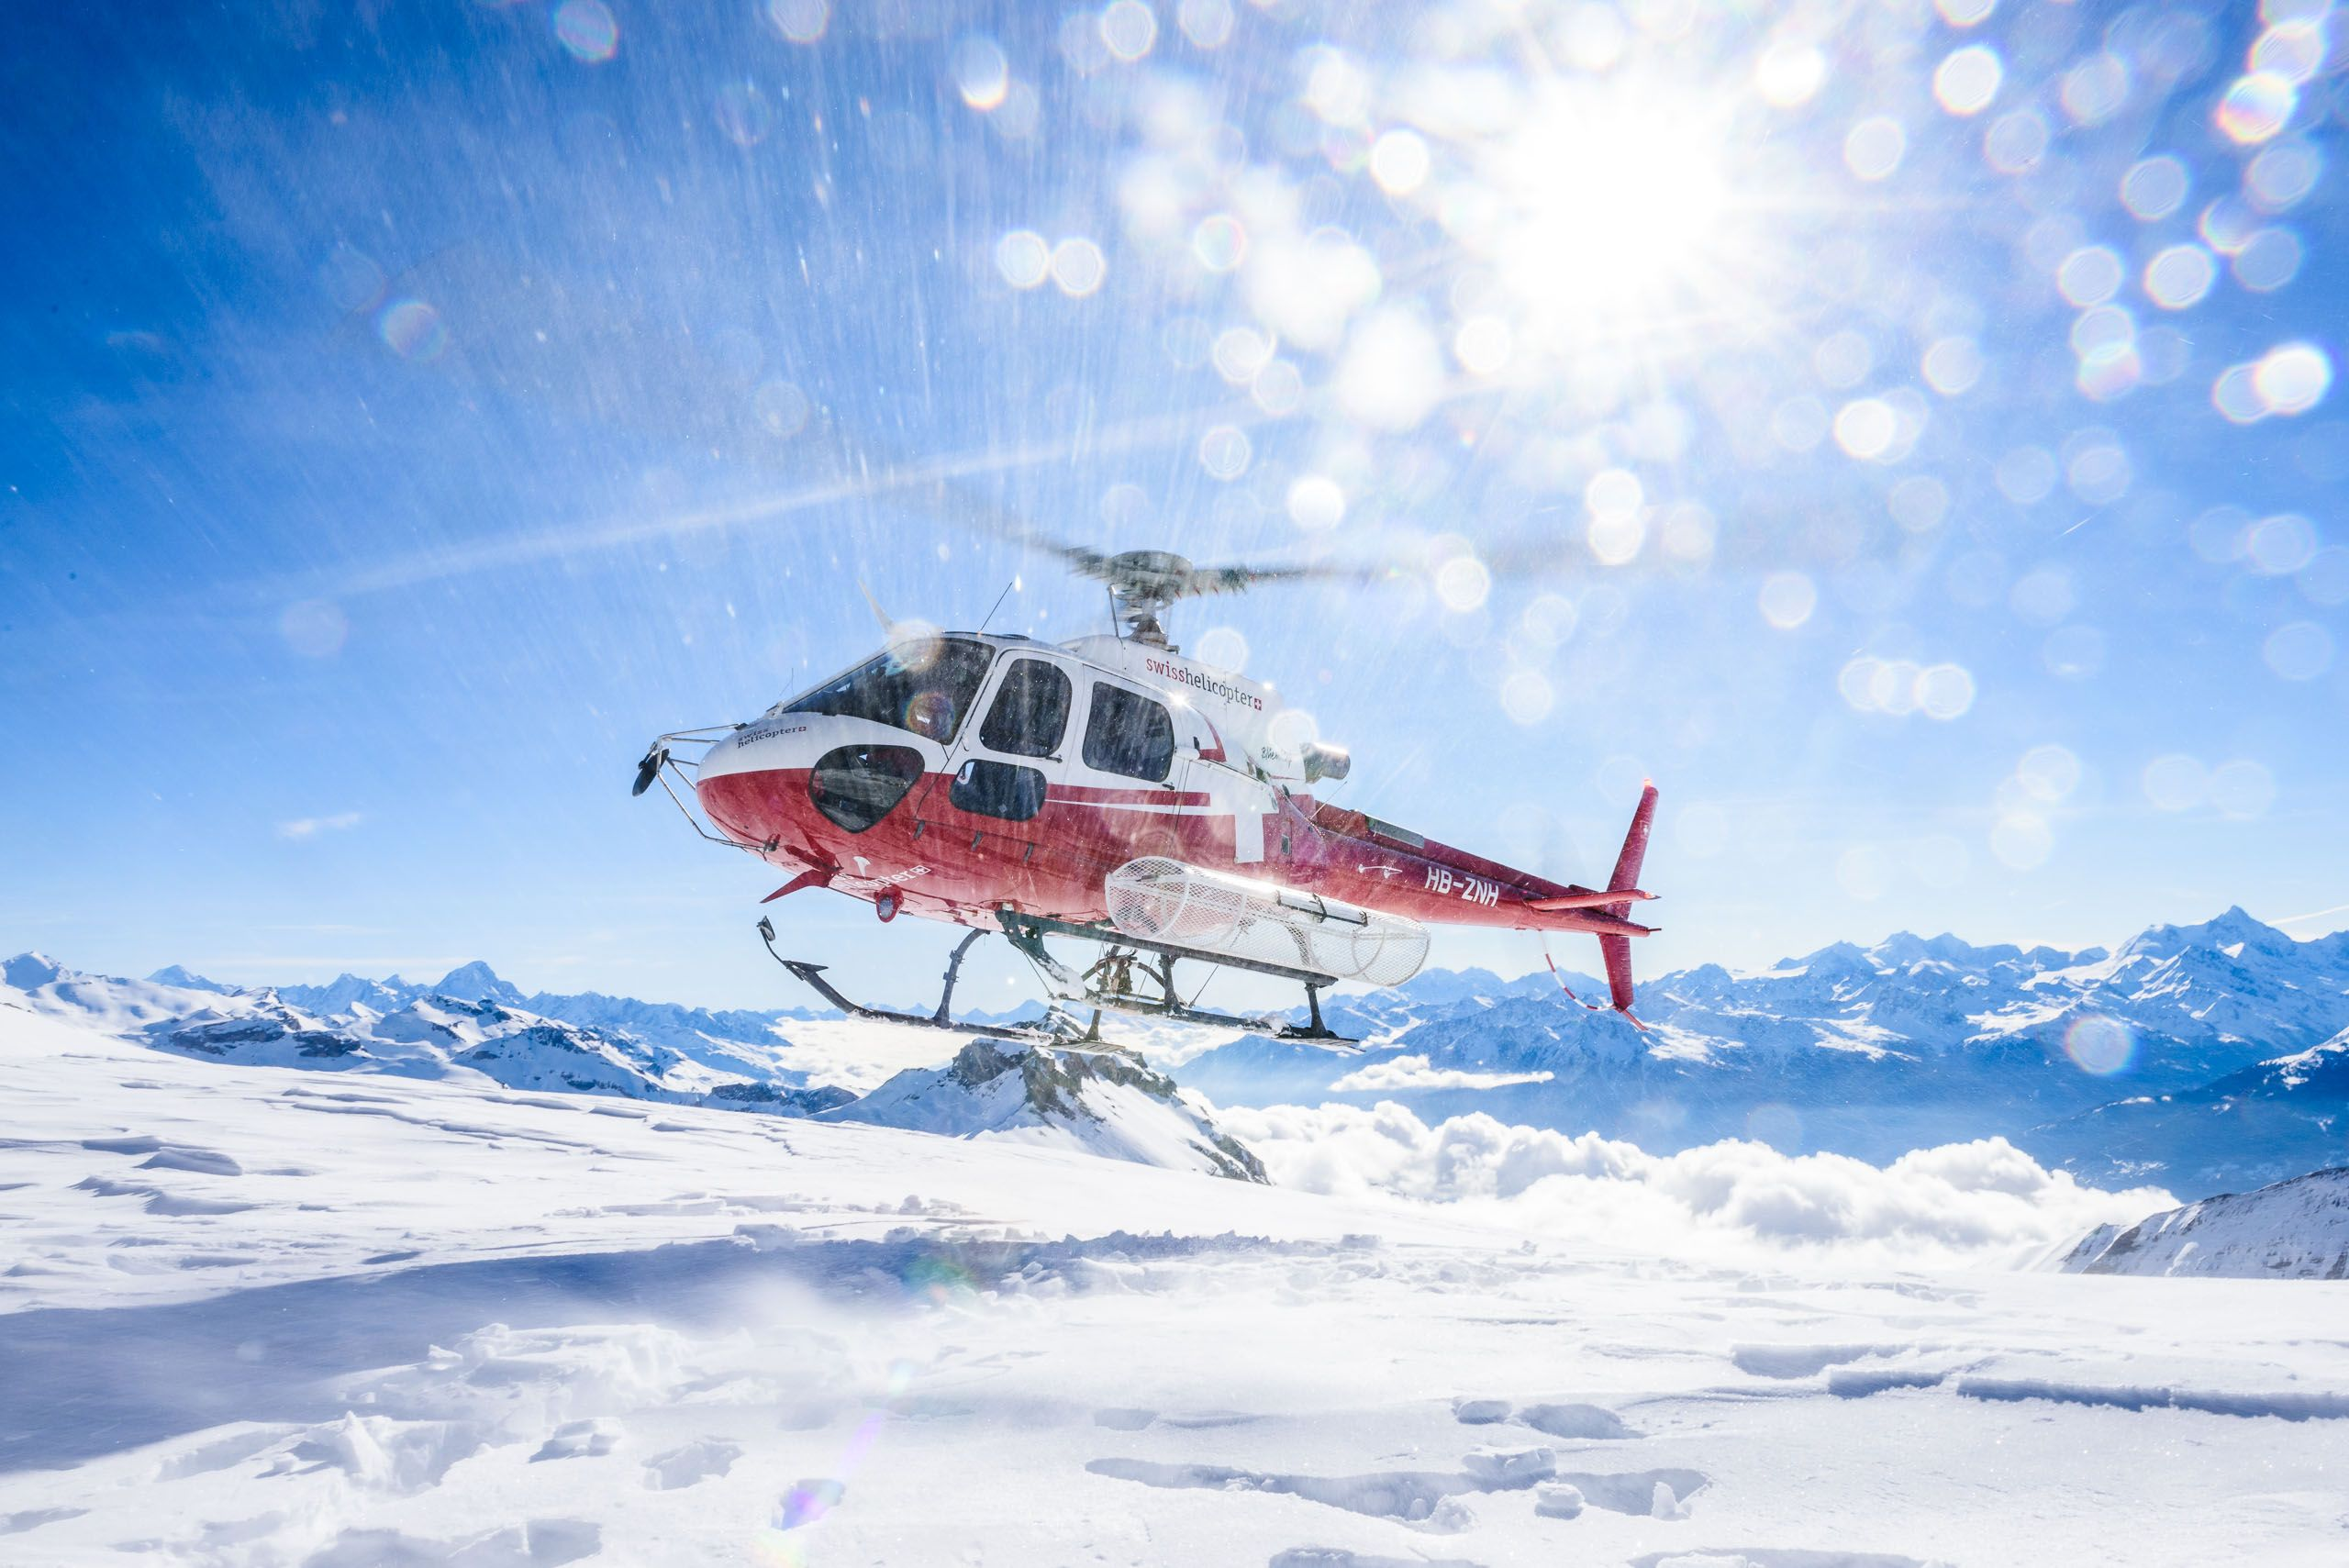 Helikopterflug-auf-Jungfraujoch